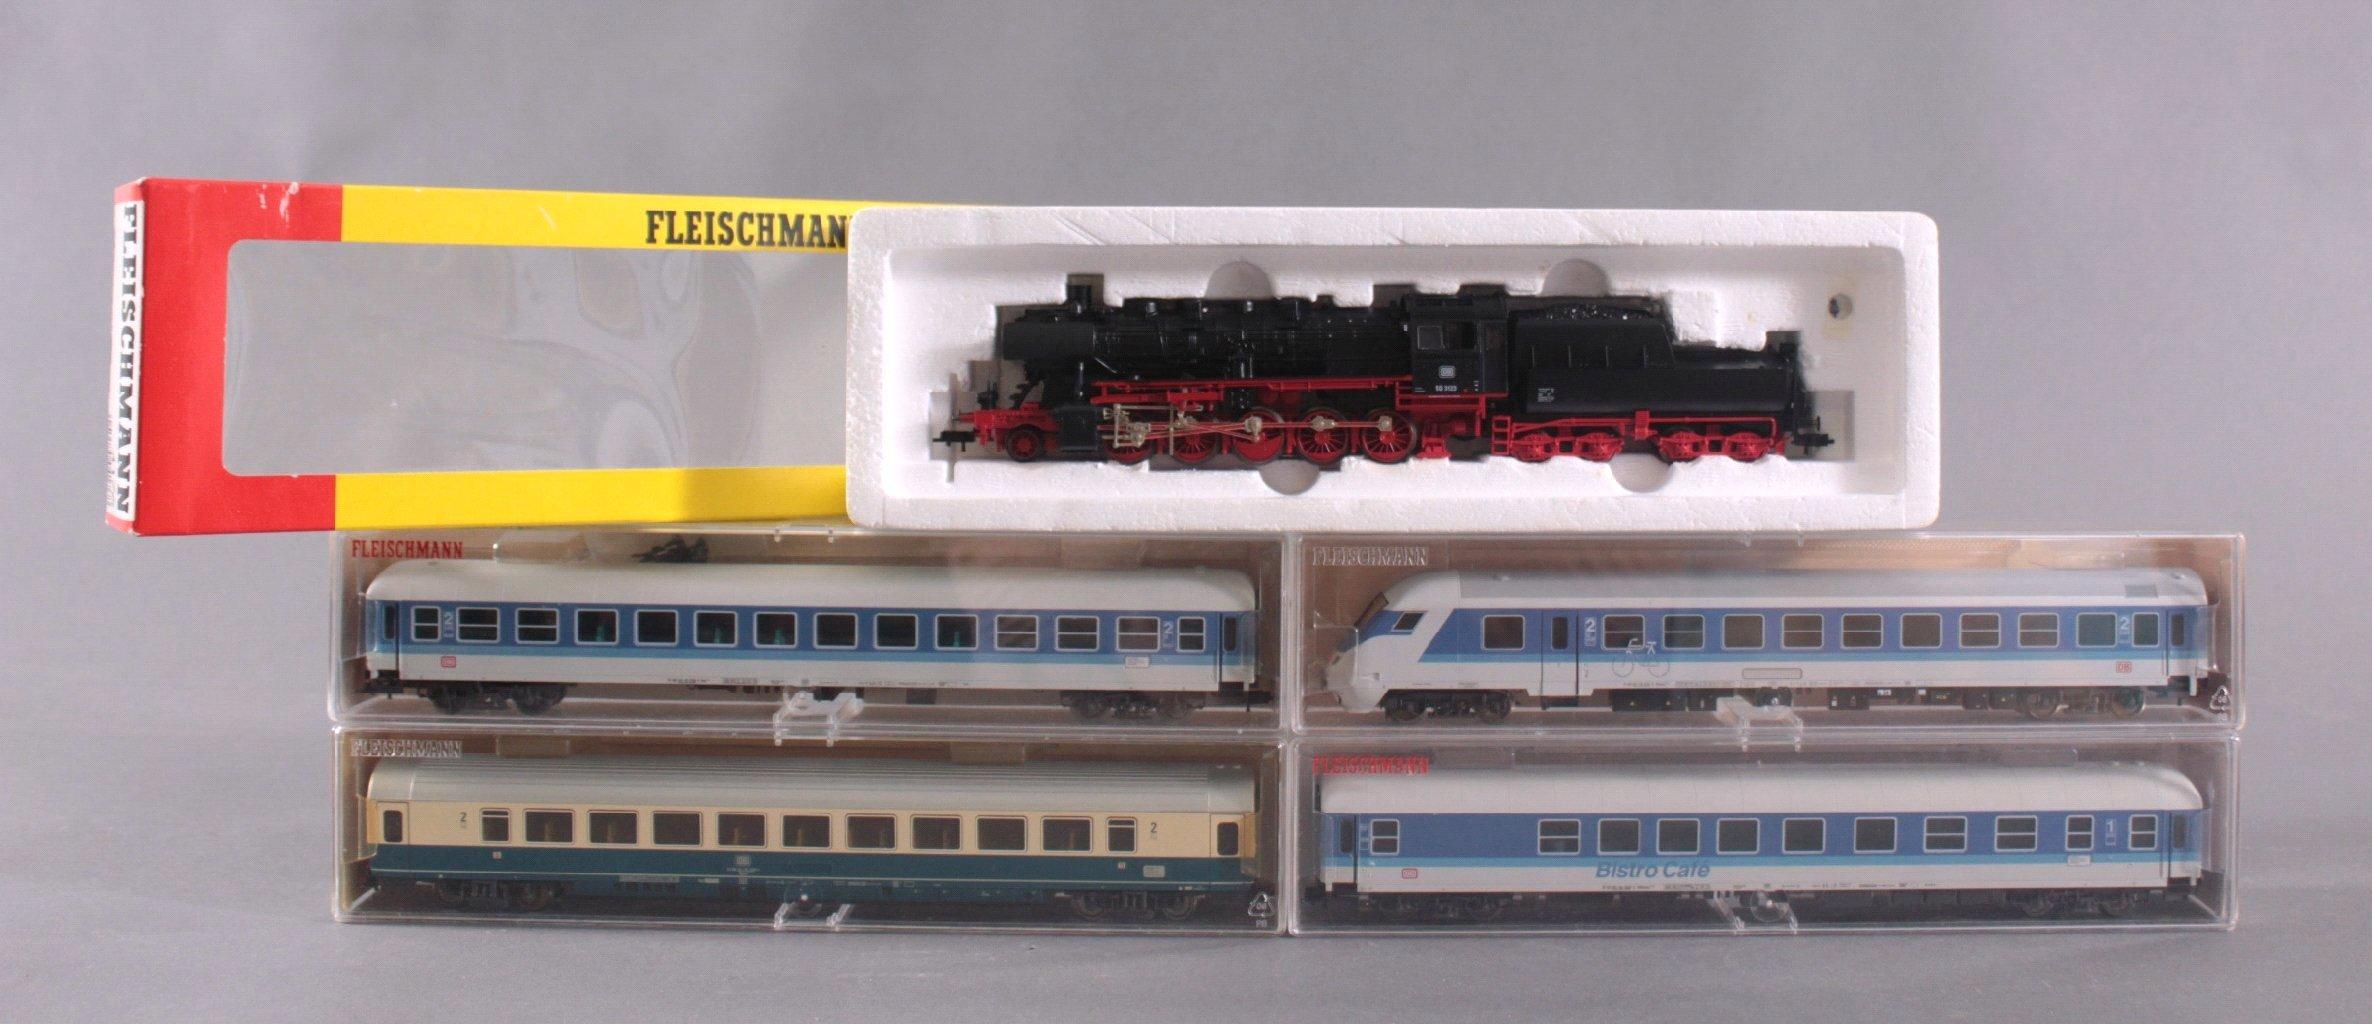 Fleischmann Dampflok 4176 Spur H0 mit Tender und 4 Waggons